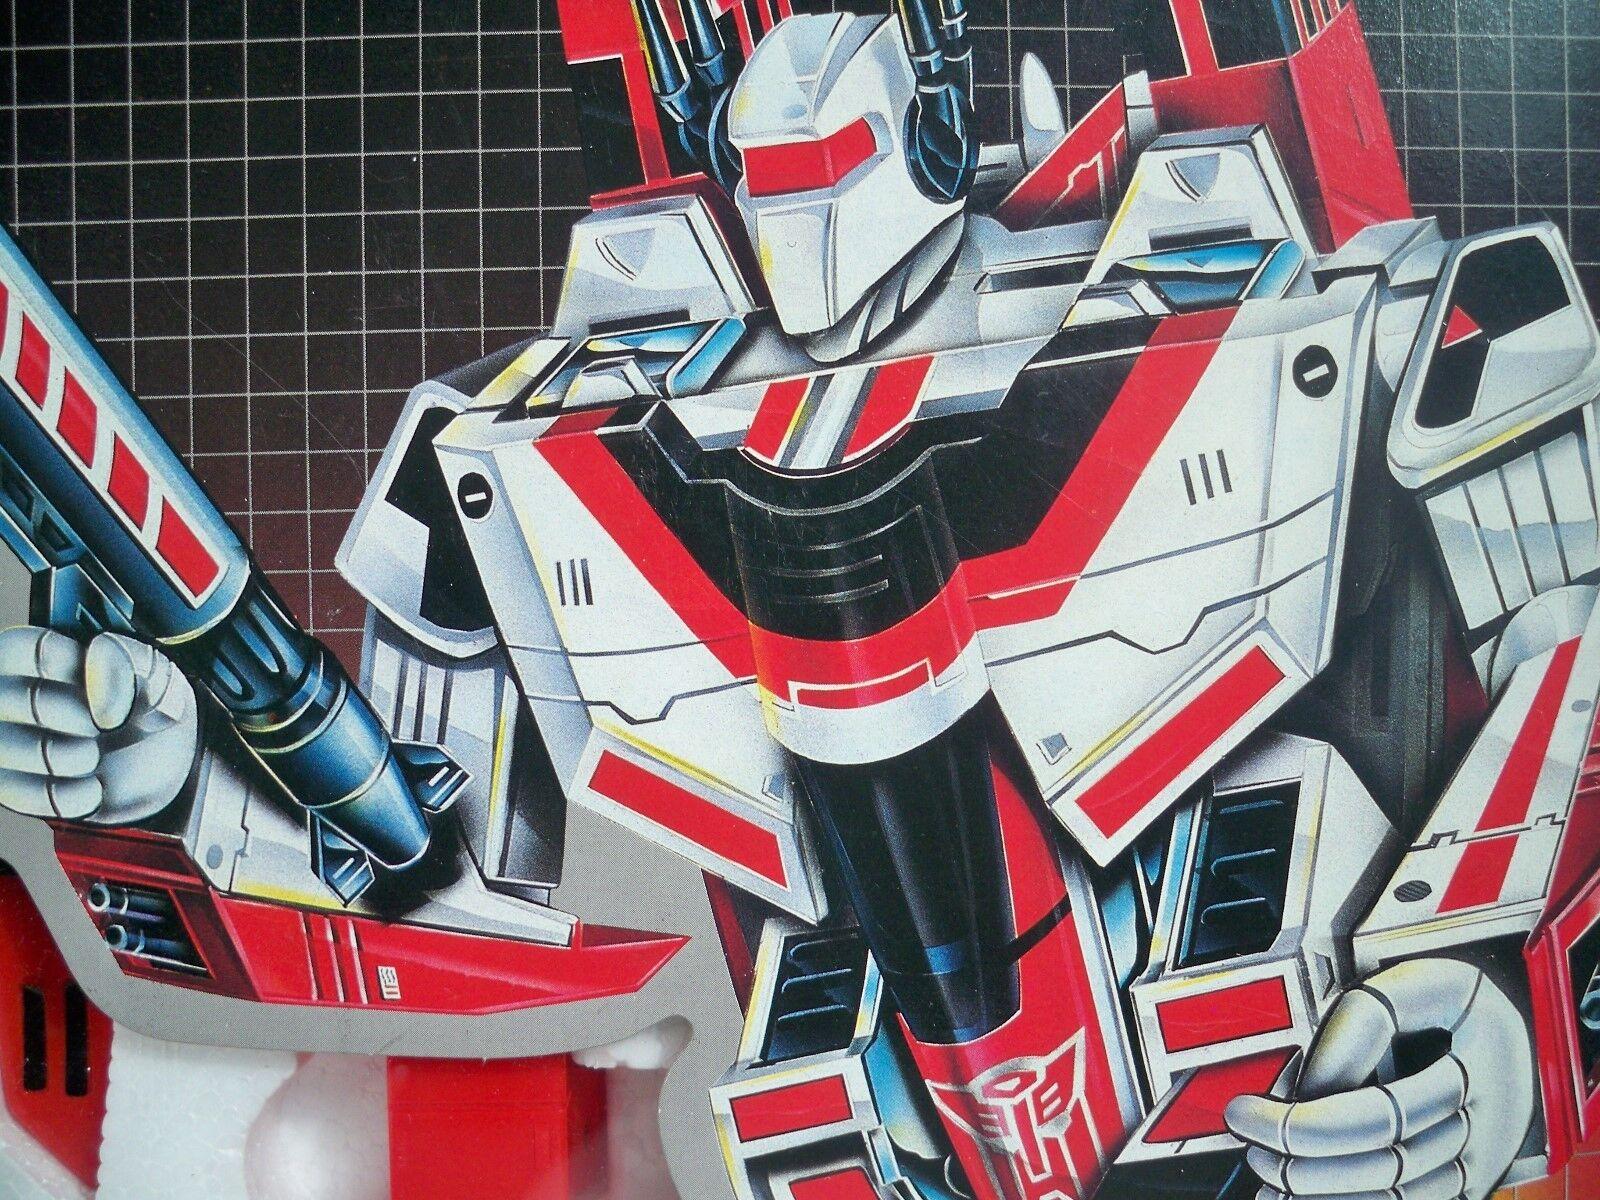 K1600813 Jetfire 100% completo nella casella Nuovo di zecca con scatola stile Transformers G1 ORIGINALE